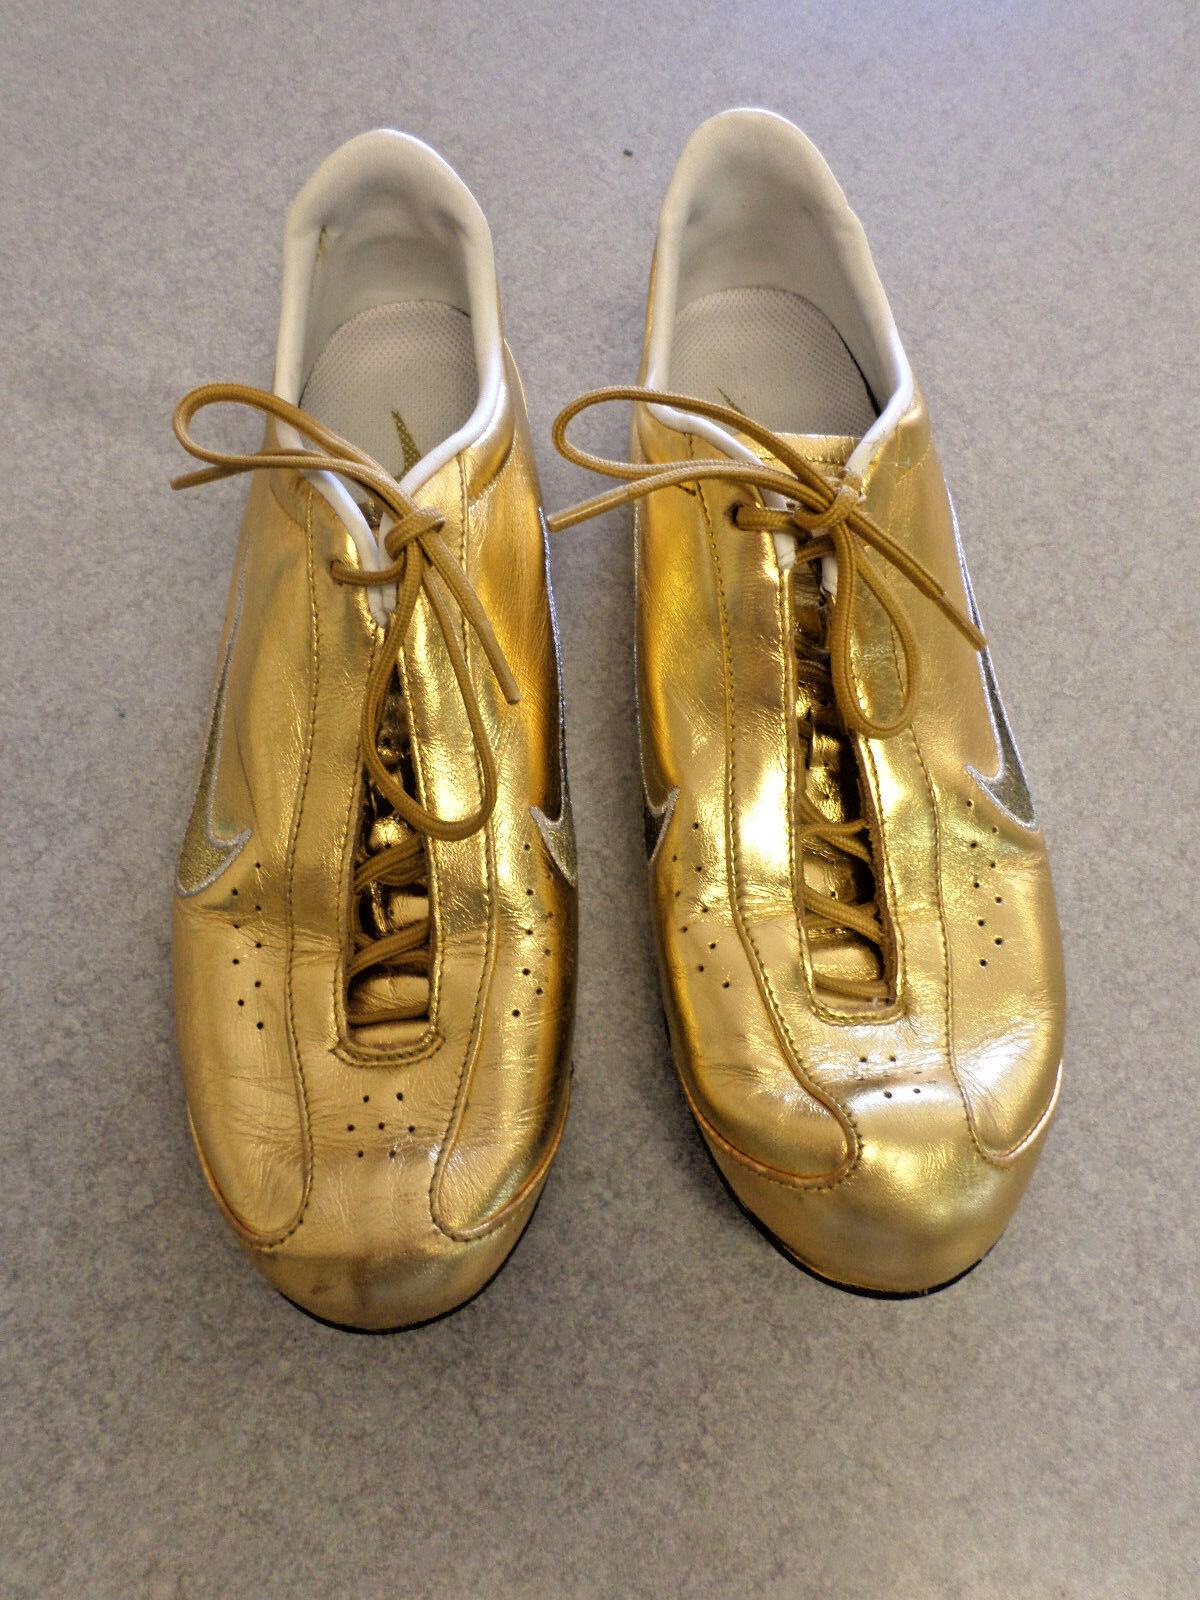 RARE  Nike Shox  Rival Or  gold metalic running shoes Women's 7